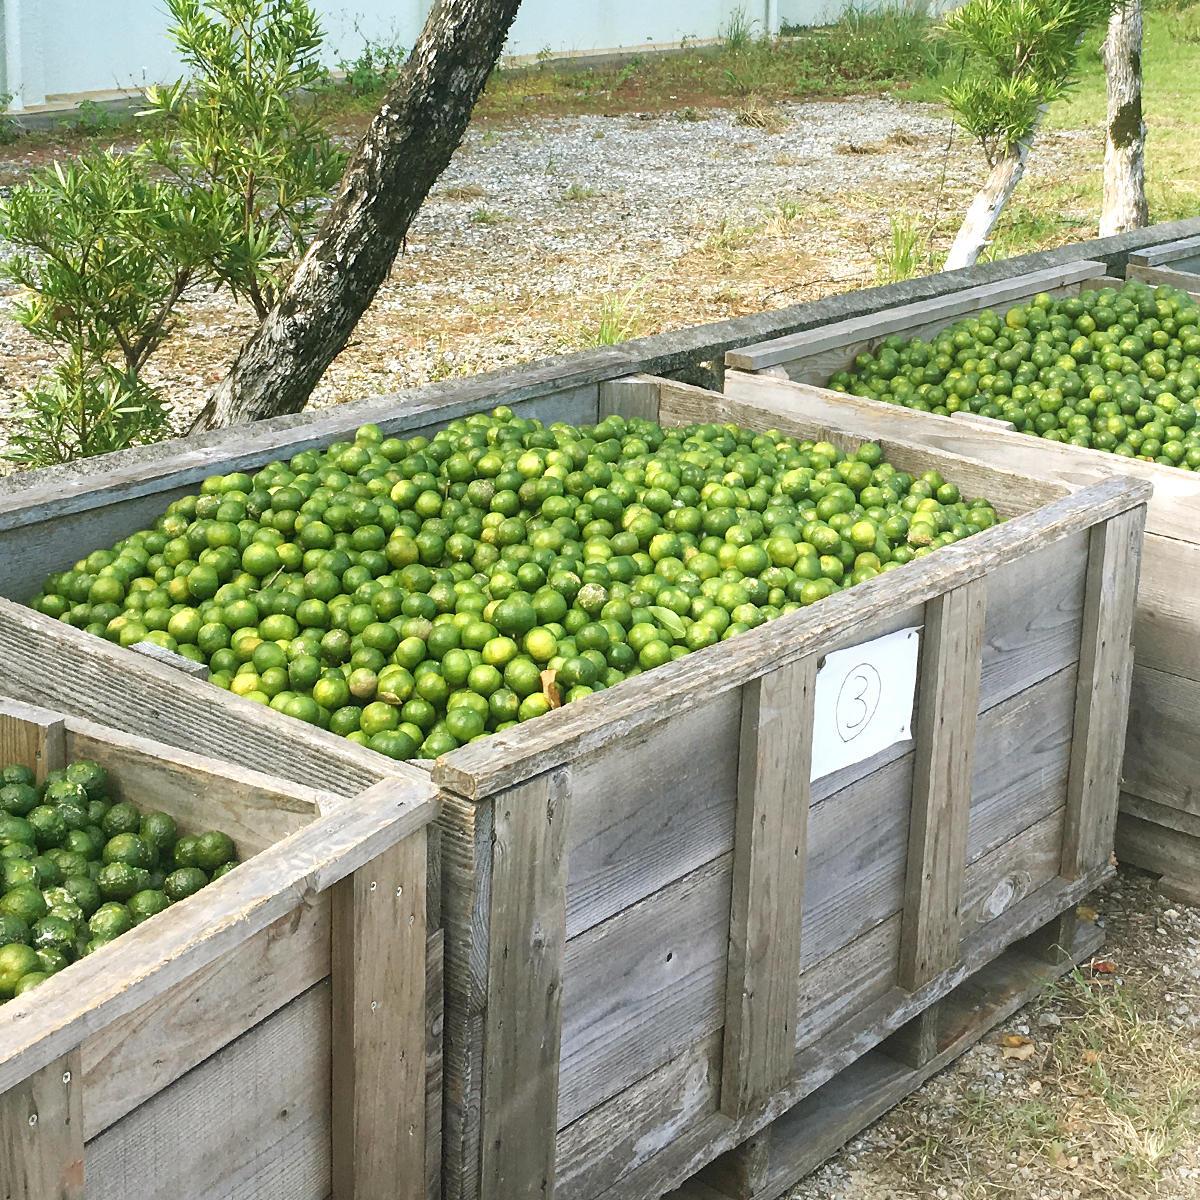 契約農家からシークヮーサー果実が届く